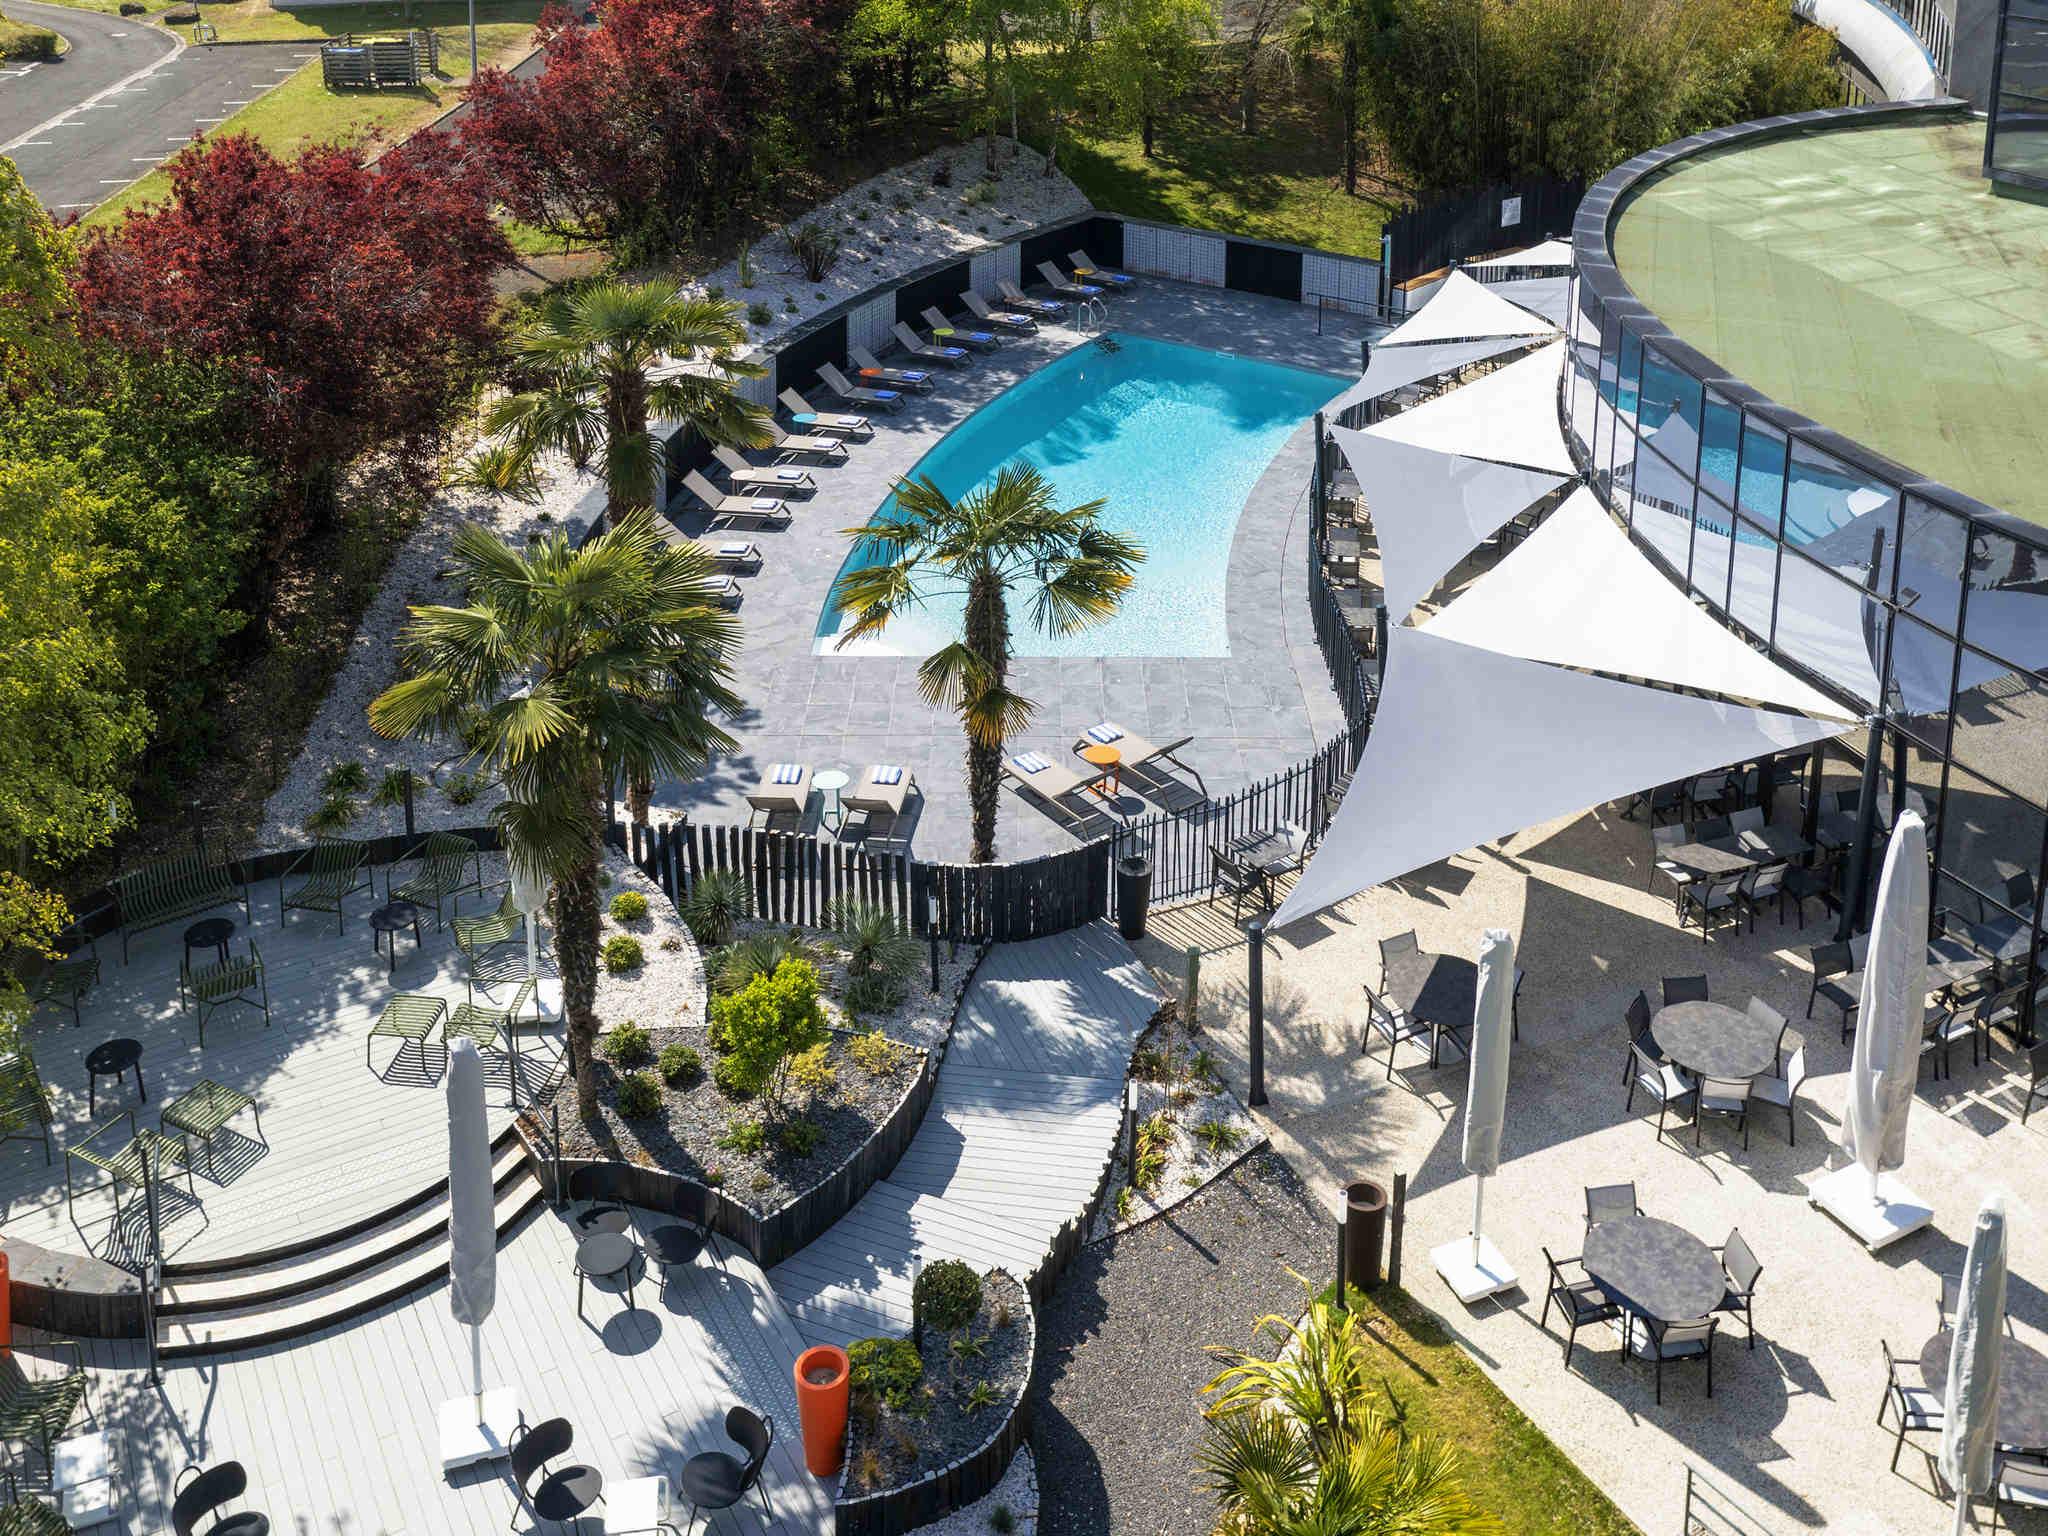 酒店 – 普瓦捷未来影视城诺富特酒店